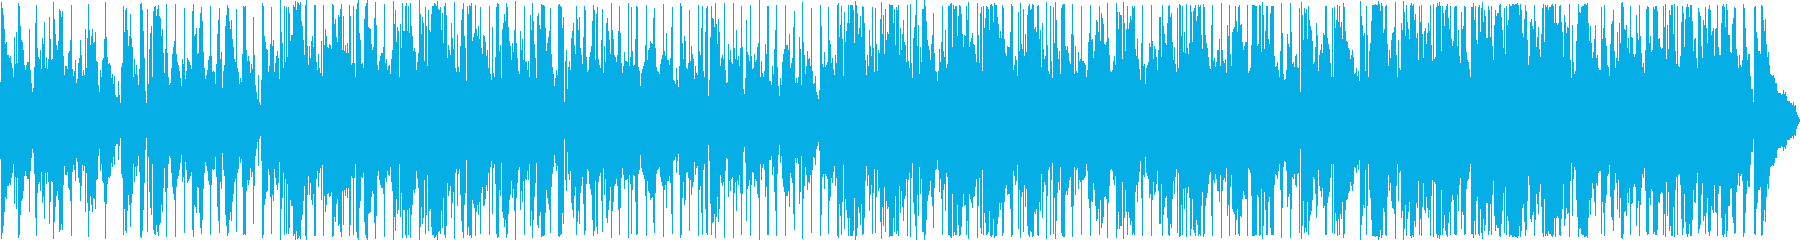 ムーディな雰囲気のジャズバラードの再生済みの波形